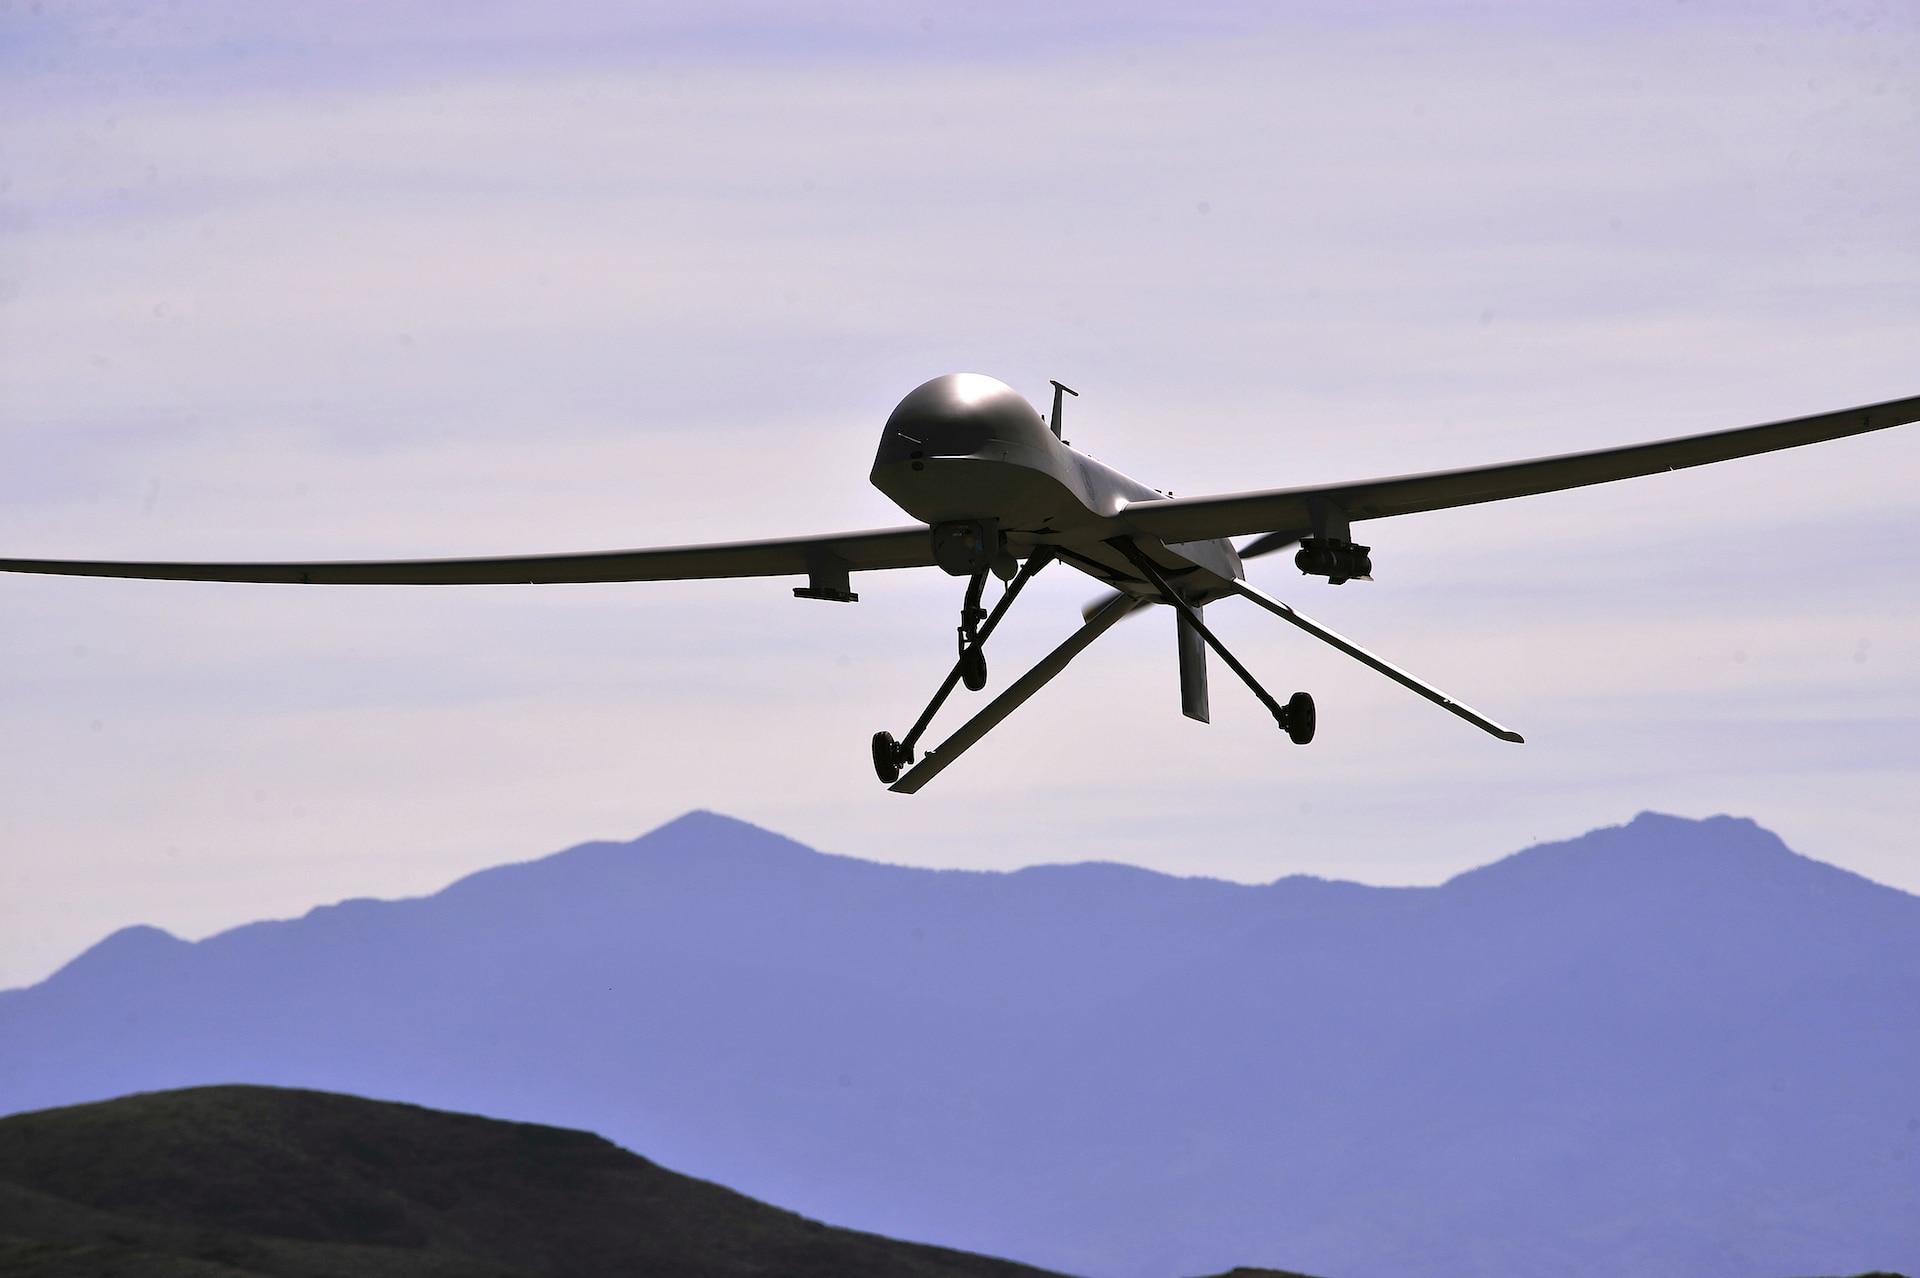 中印角力! 印度有意向美國購入察打一體「掠奪者」無人機